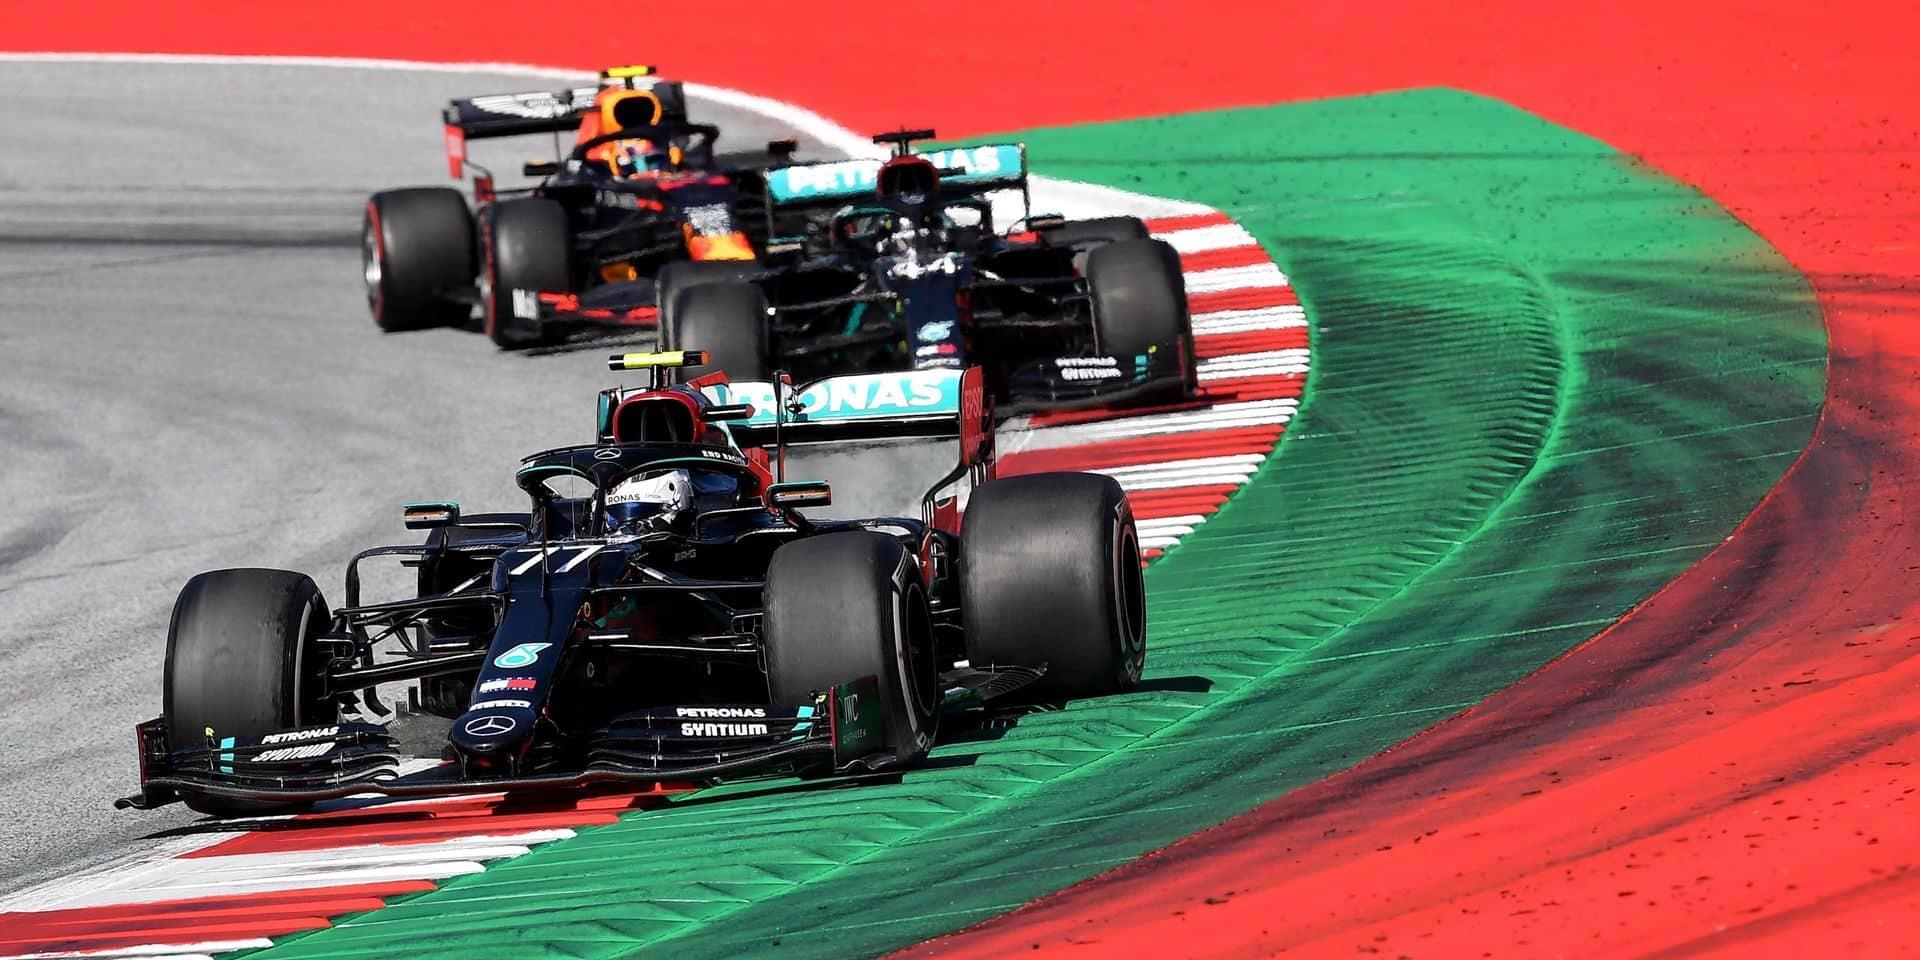 Bottas remporte un premier GP spectaculaire et à huis clos en Autriche